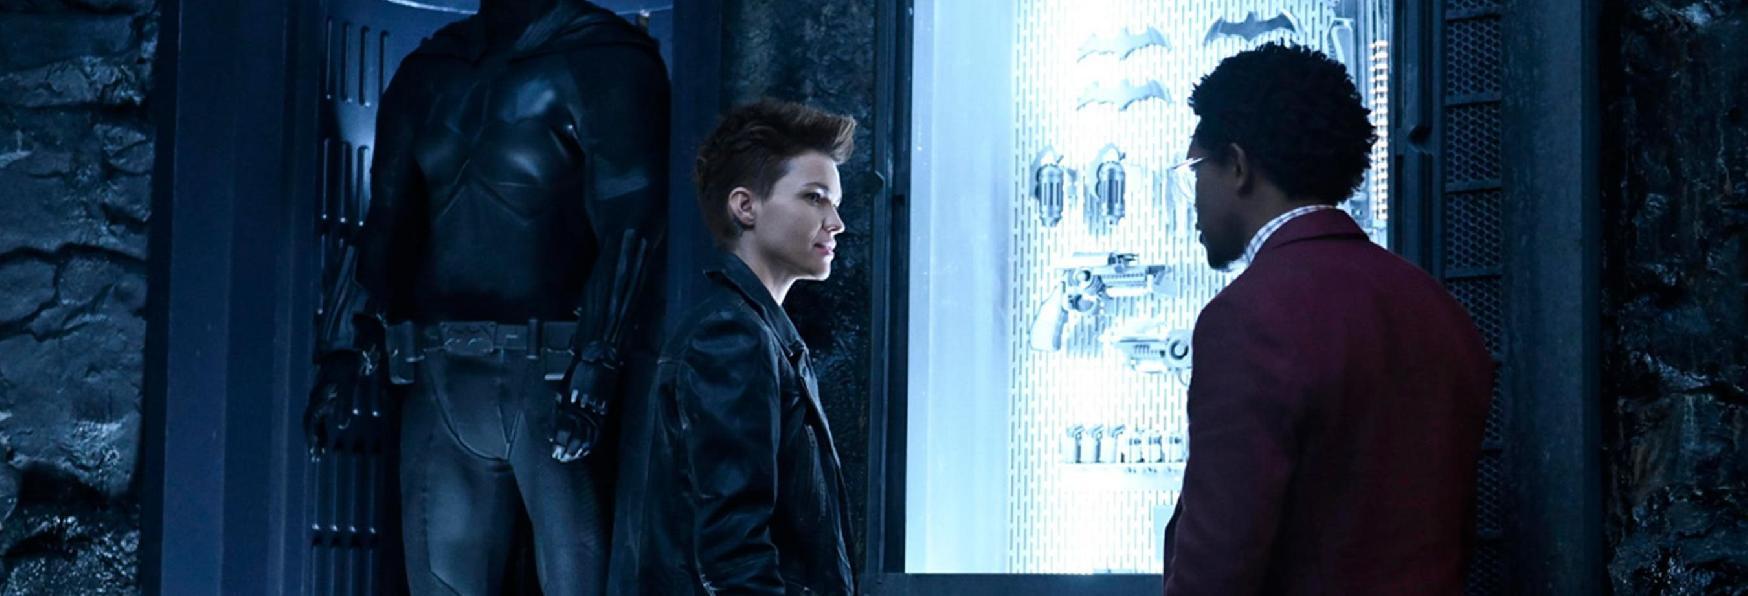 Batwoman: The CW ha finalmente rilasciato il Trailer della Serie con Ruby Rose